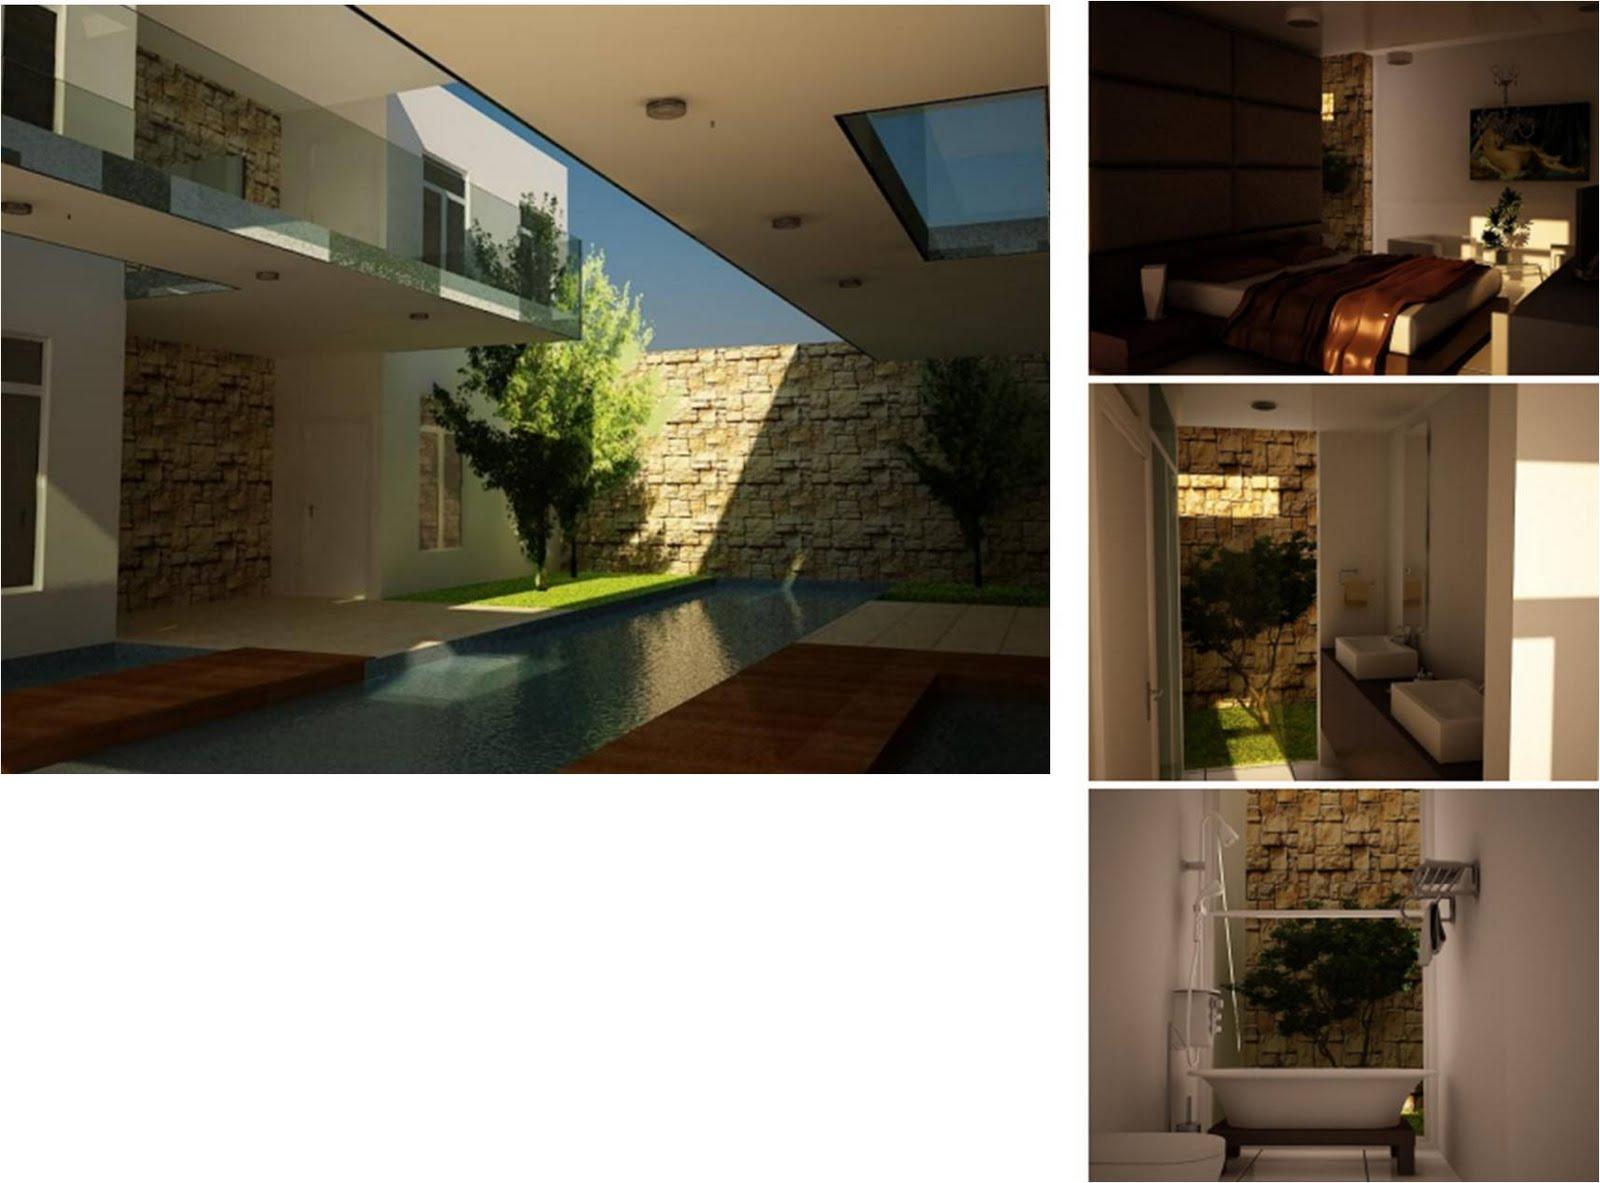 Dise o de espacios interiores hotel boutique propuesta for Diseno de espacios interiores